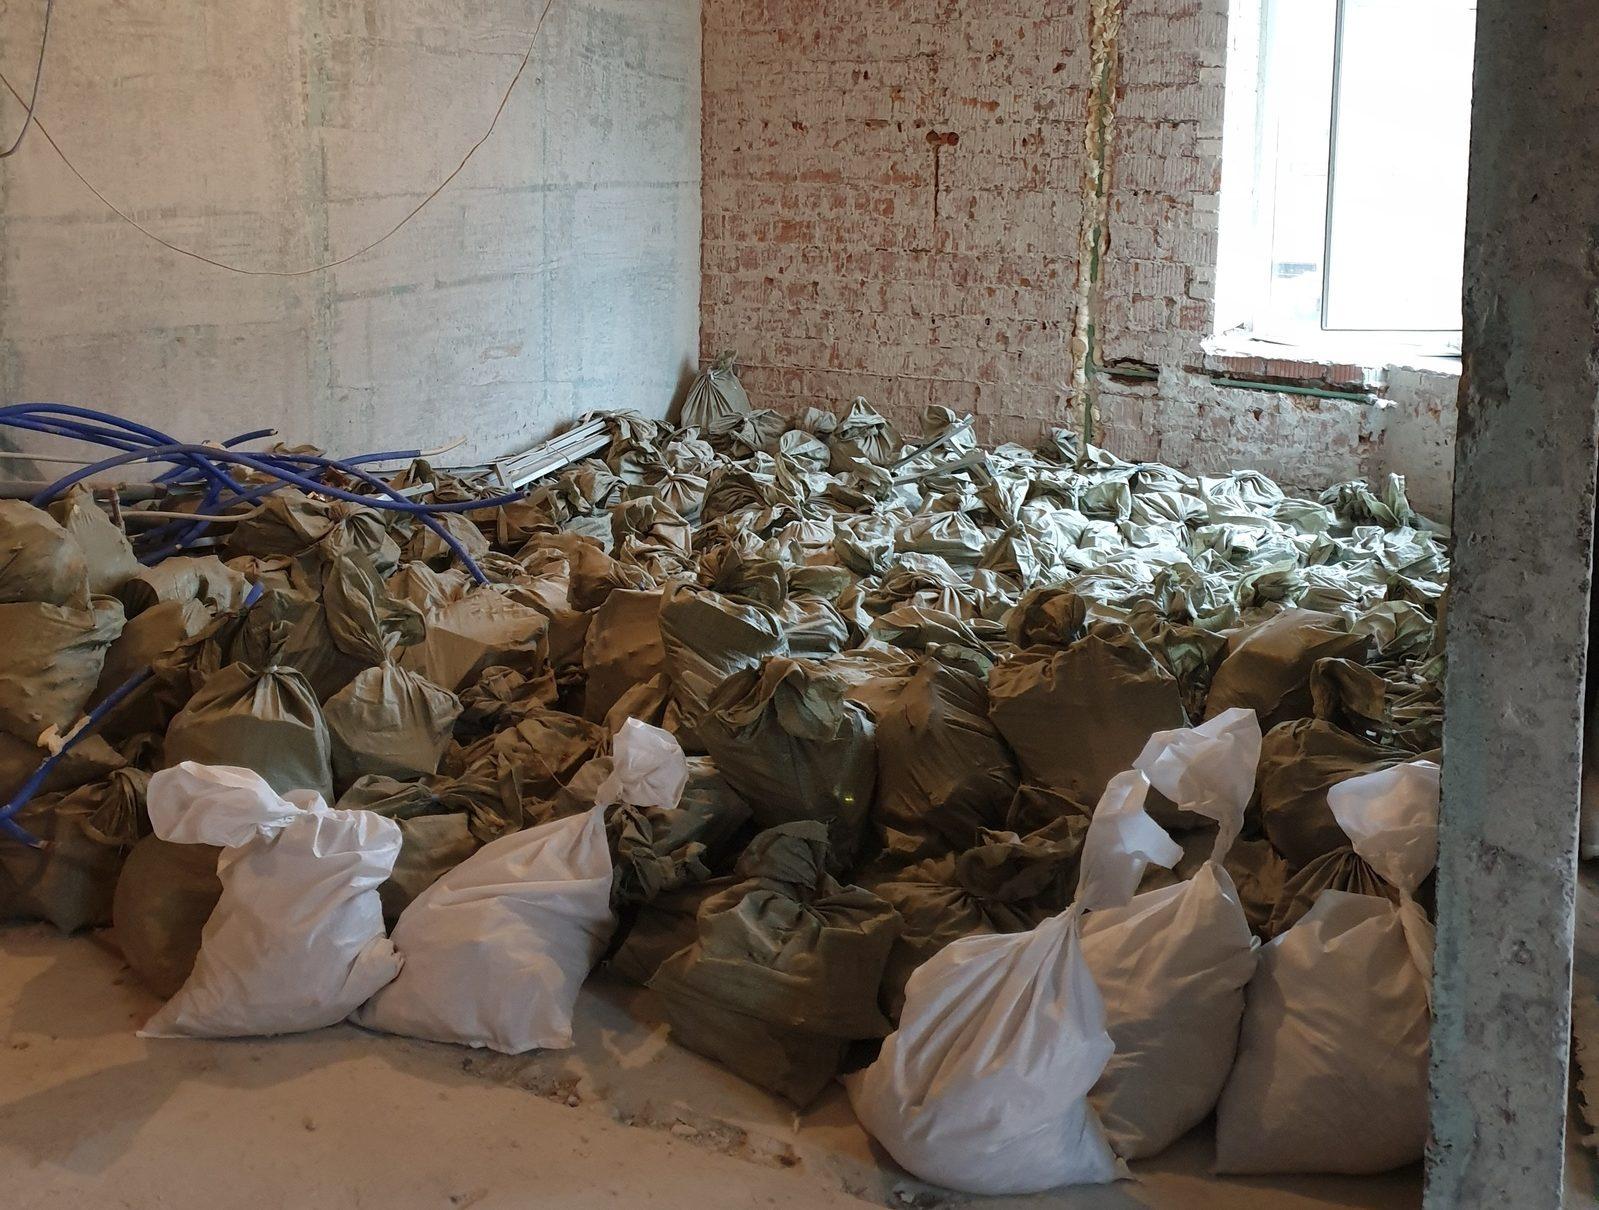 утилизация строительного мусора после окончания ремонта квартиры